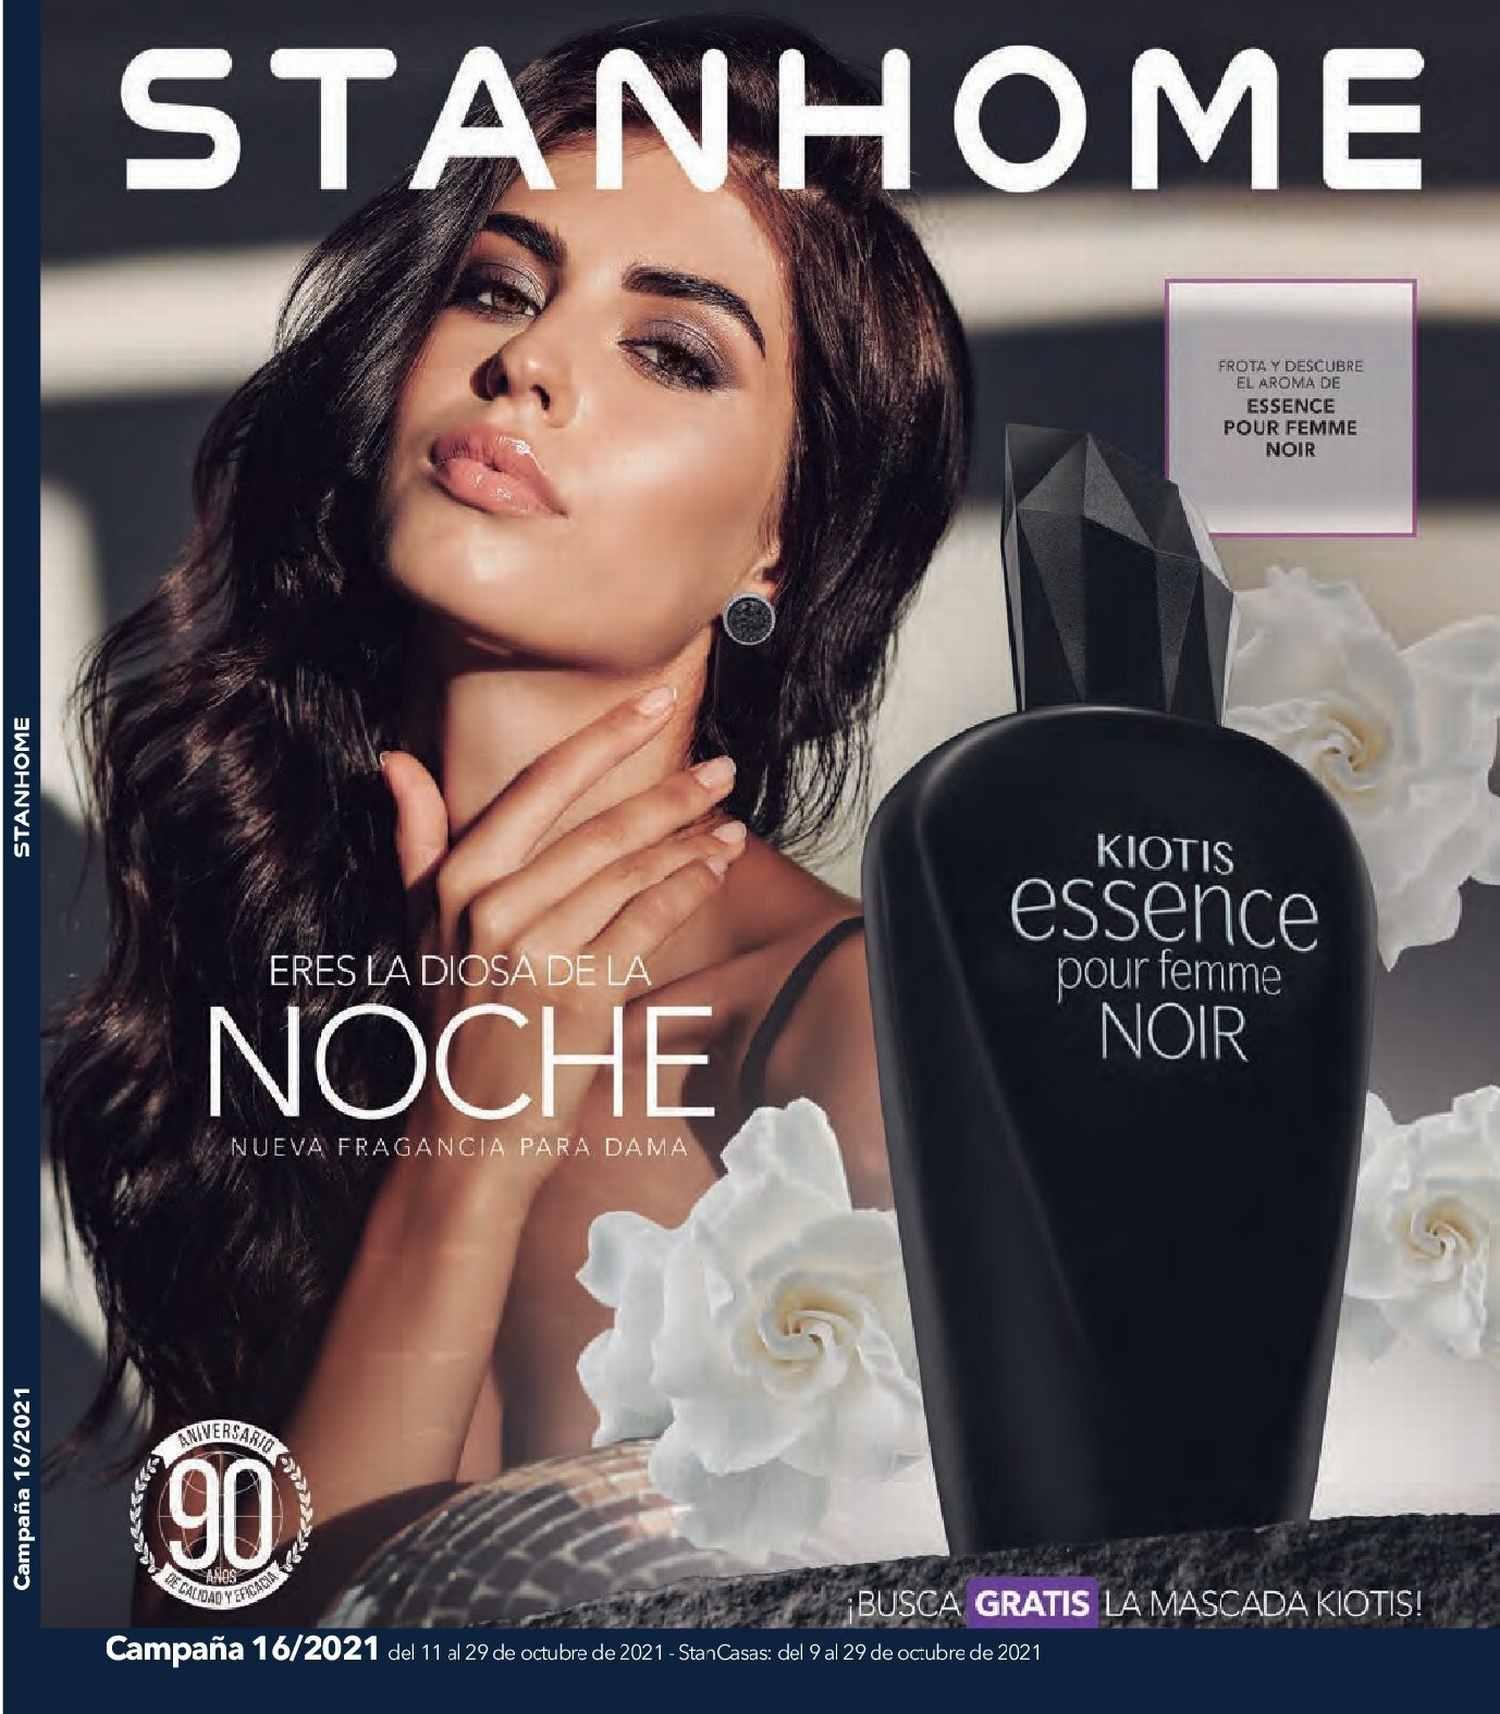 Catalogo Stanhome Campaña 16 2021 México